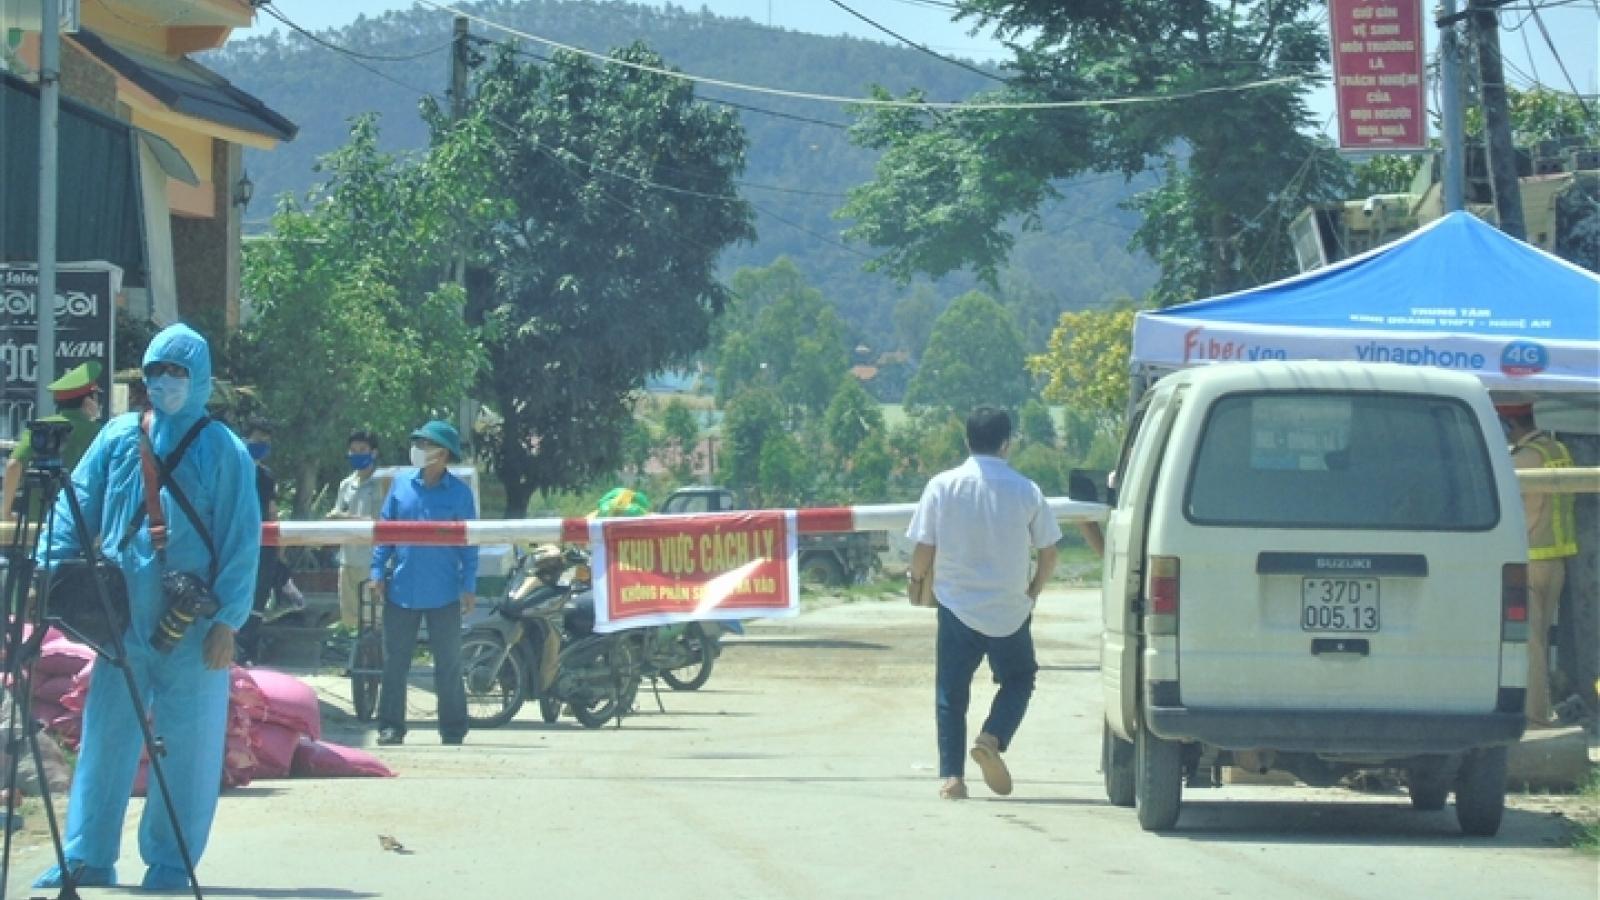 Khai báo y tế gian dối, nam thanh niên ở Nghệ An bị phạt 15 triệu đồng